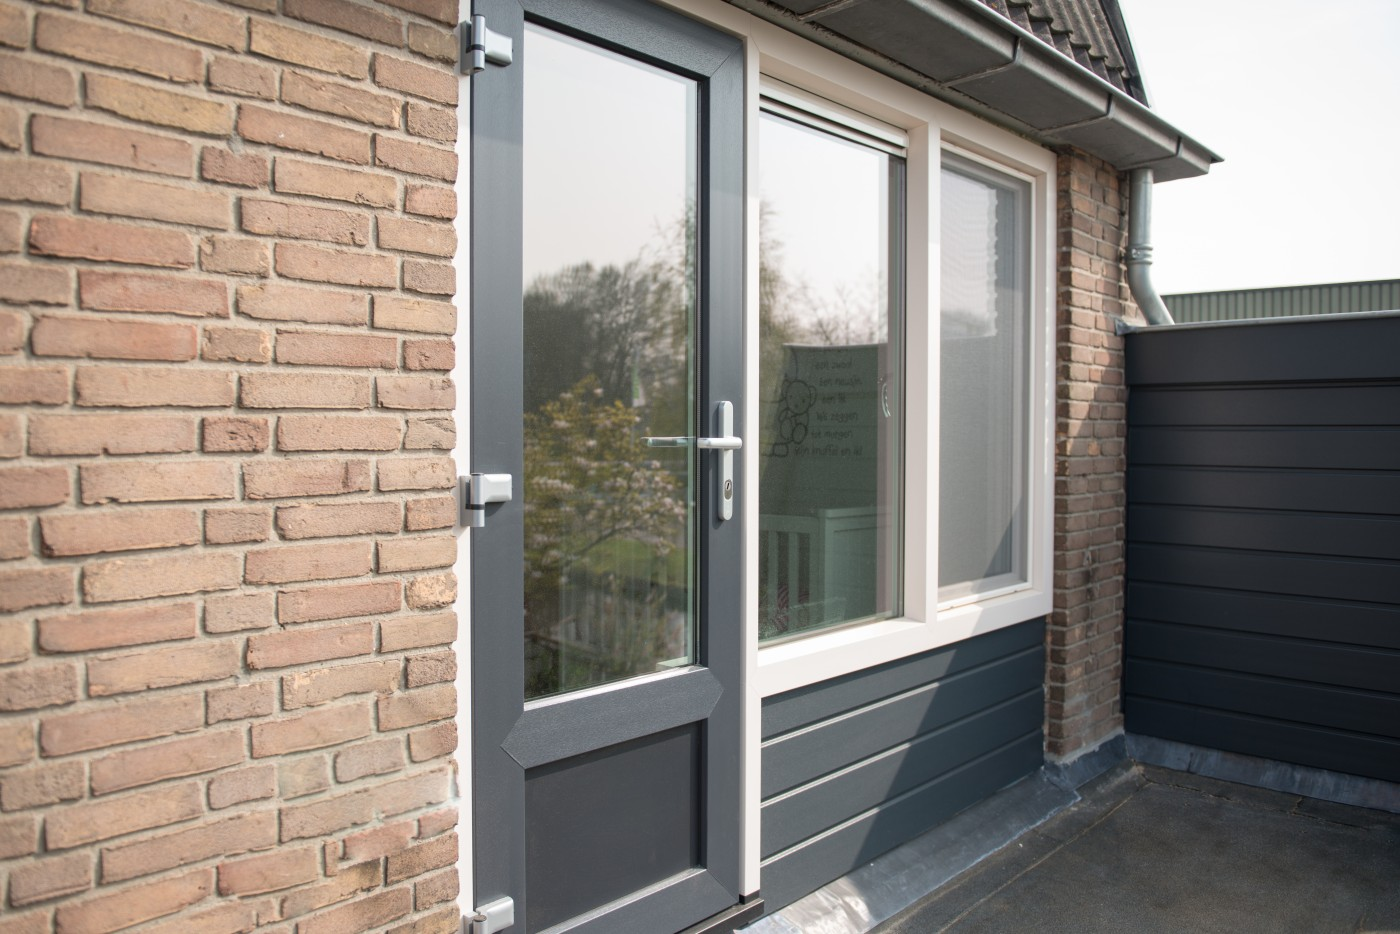 Kunststof kozijnen nodig in ZoeterwoudeRijndijk Beyaartnl